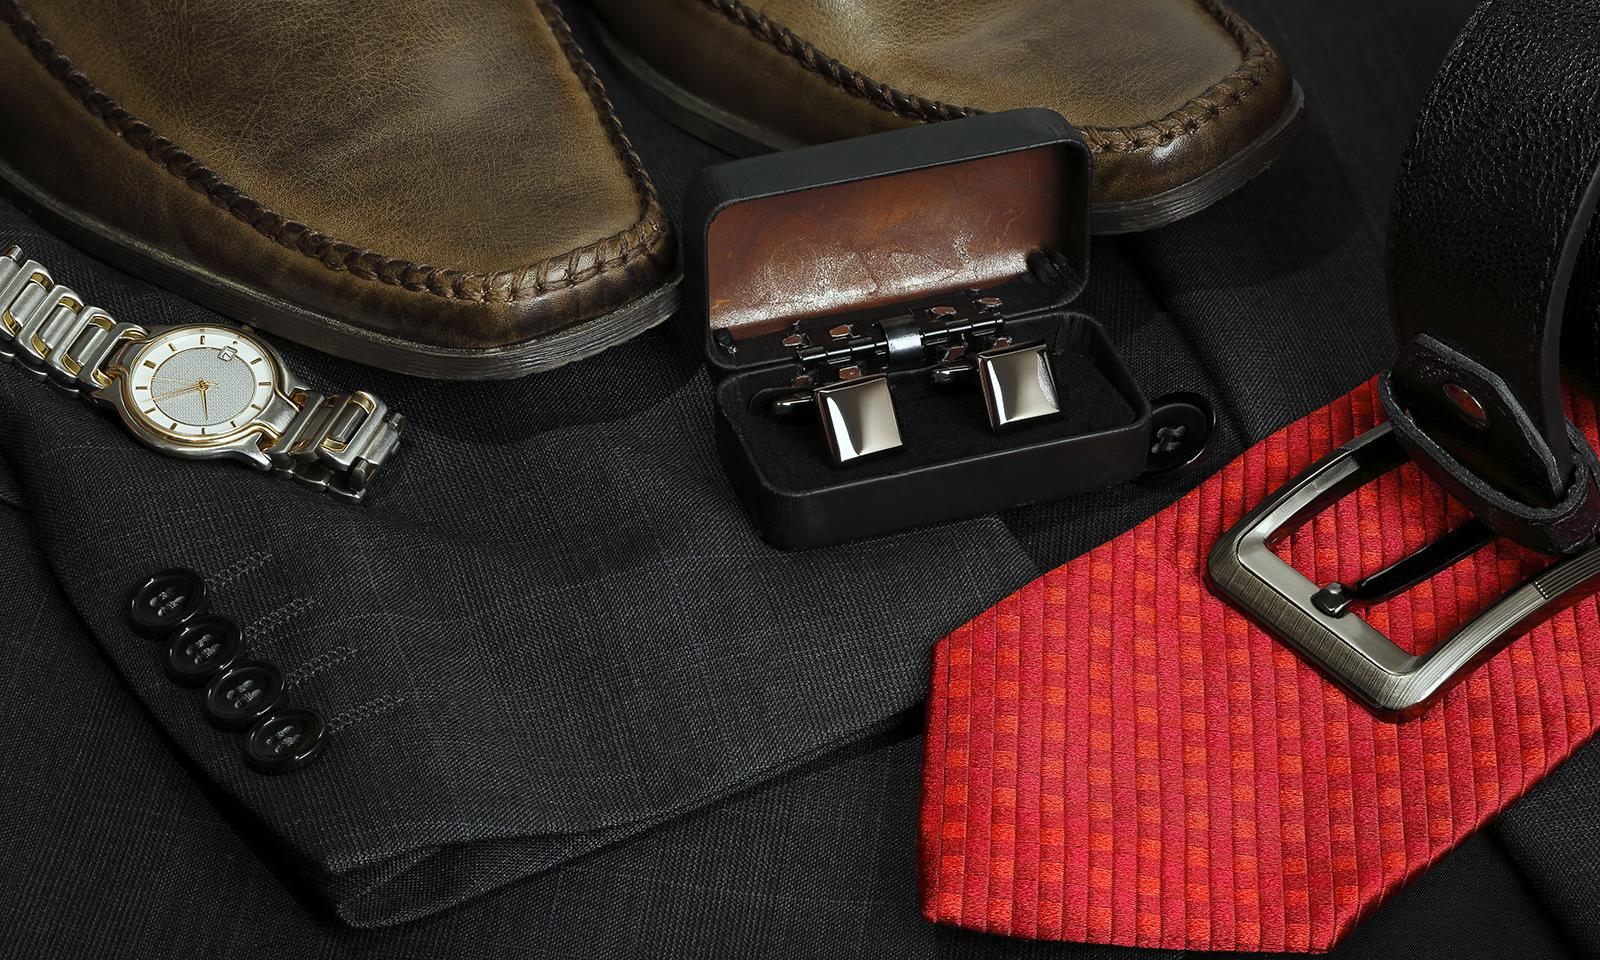 mens-accessories-mensware-accessories-tie-belt-watch